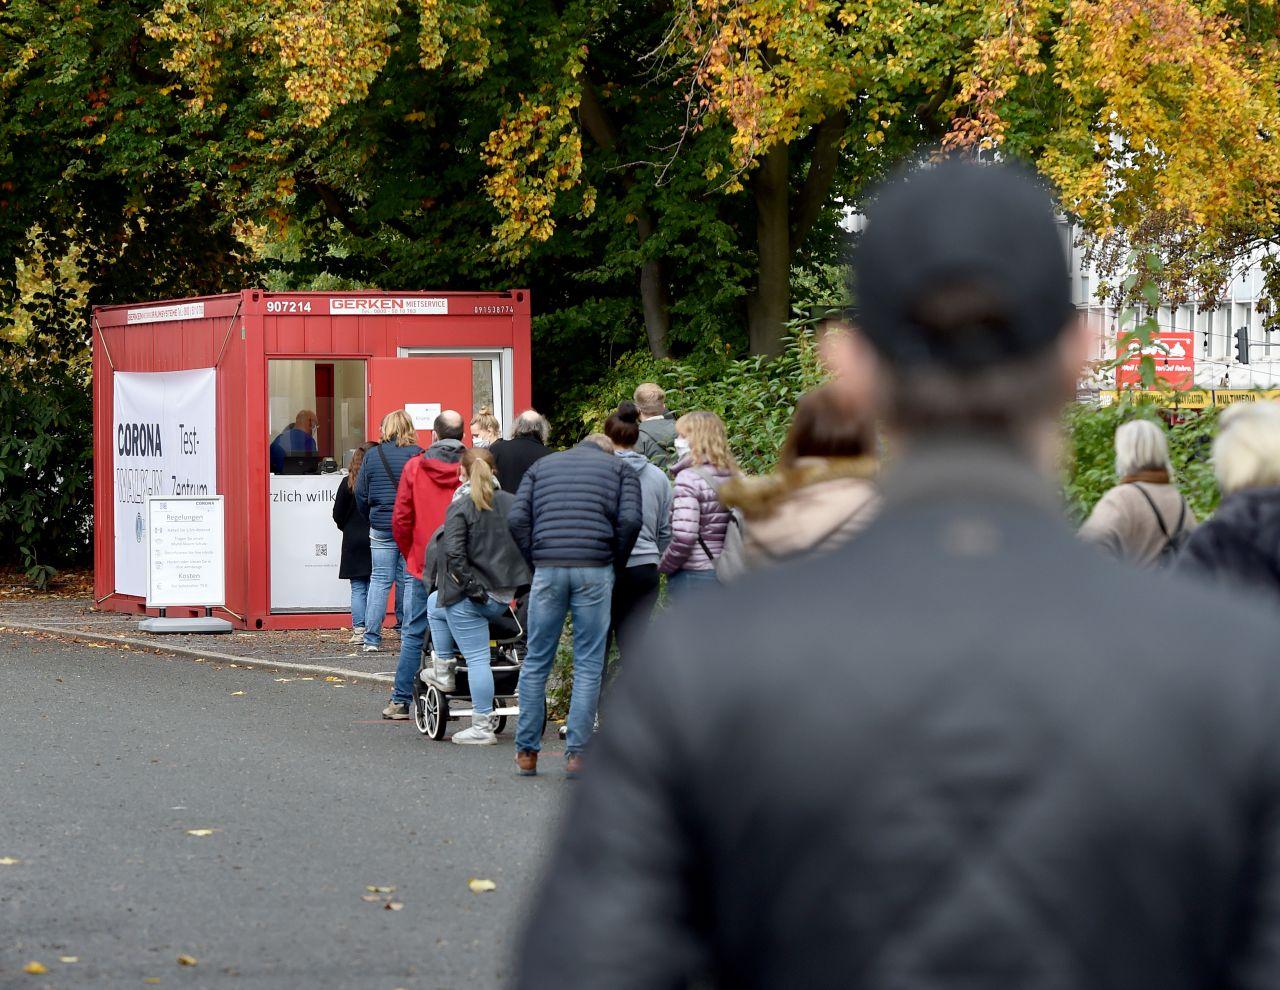 Menschen stehen in einer langen Schlange vor dem Eingang eines neuen Corona Walk-In-Testzentrums in Wuppertal, wo mittlerweile mehr als 100 Corona-Neuinfektionen pro 100.000 Einwohnern innerhalb einer Woche nachgewiesen wurden.